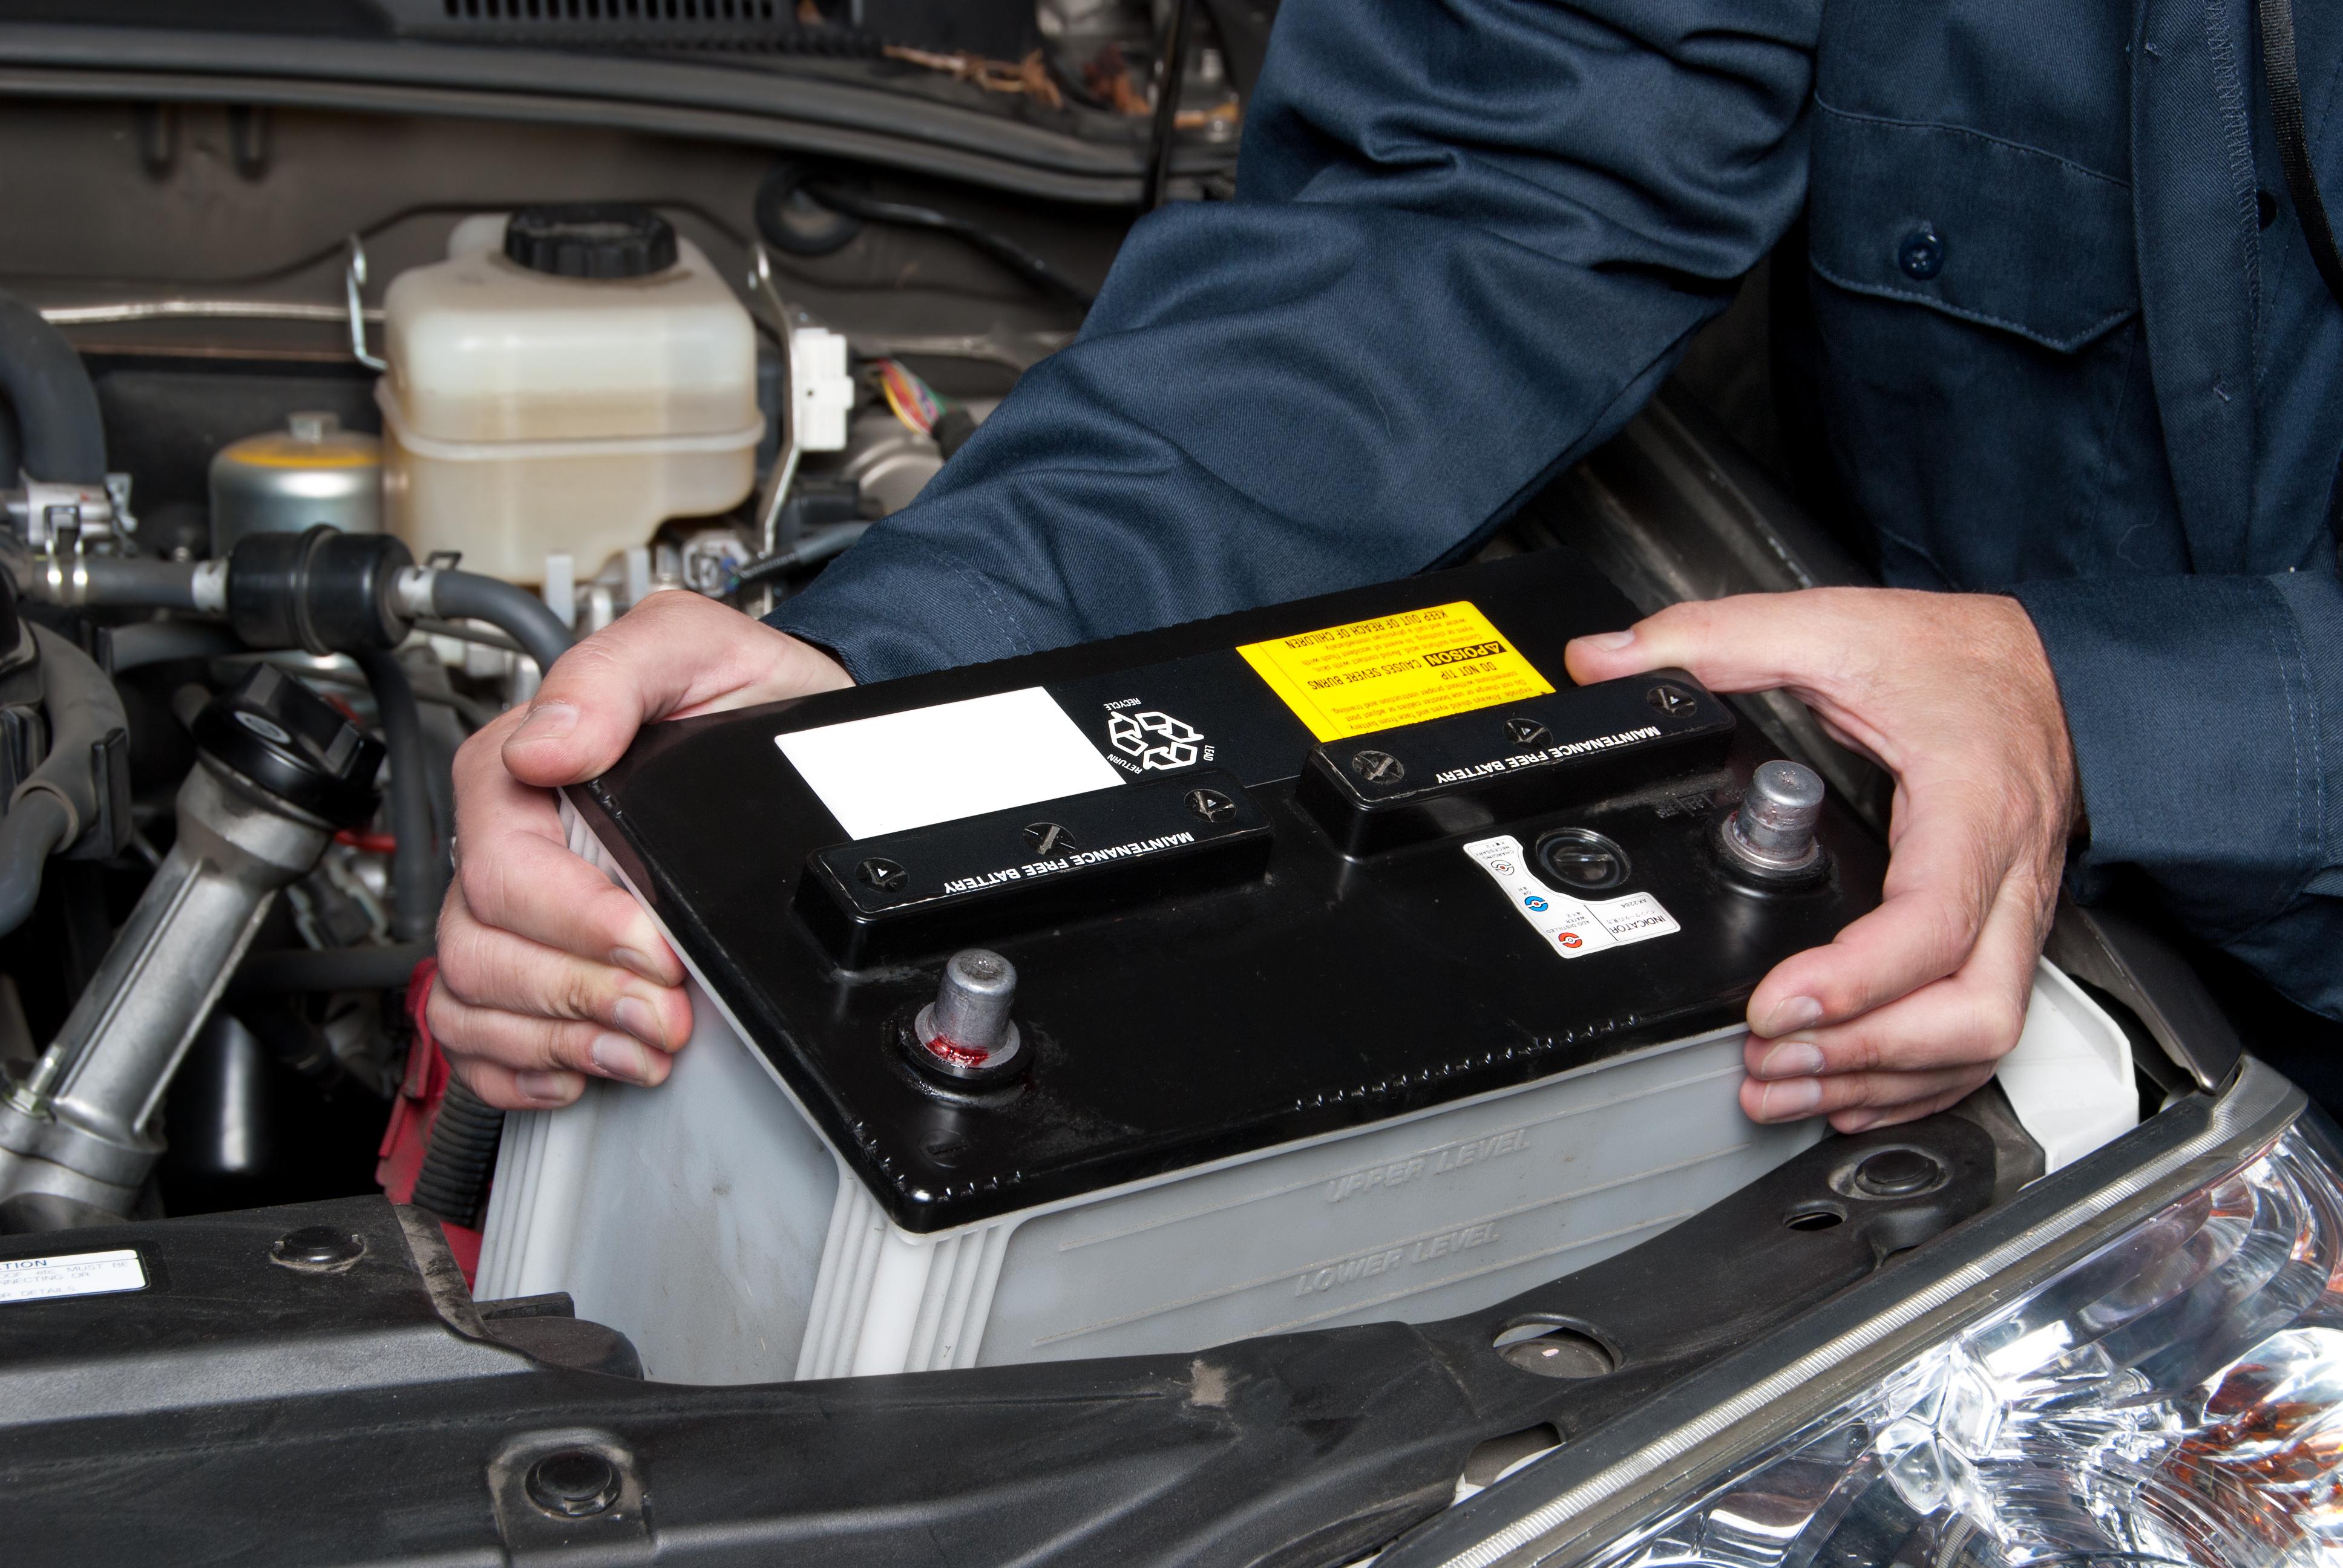 Trocando a bateria do carro